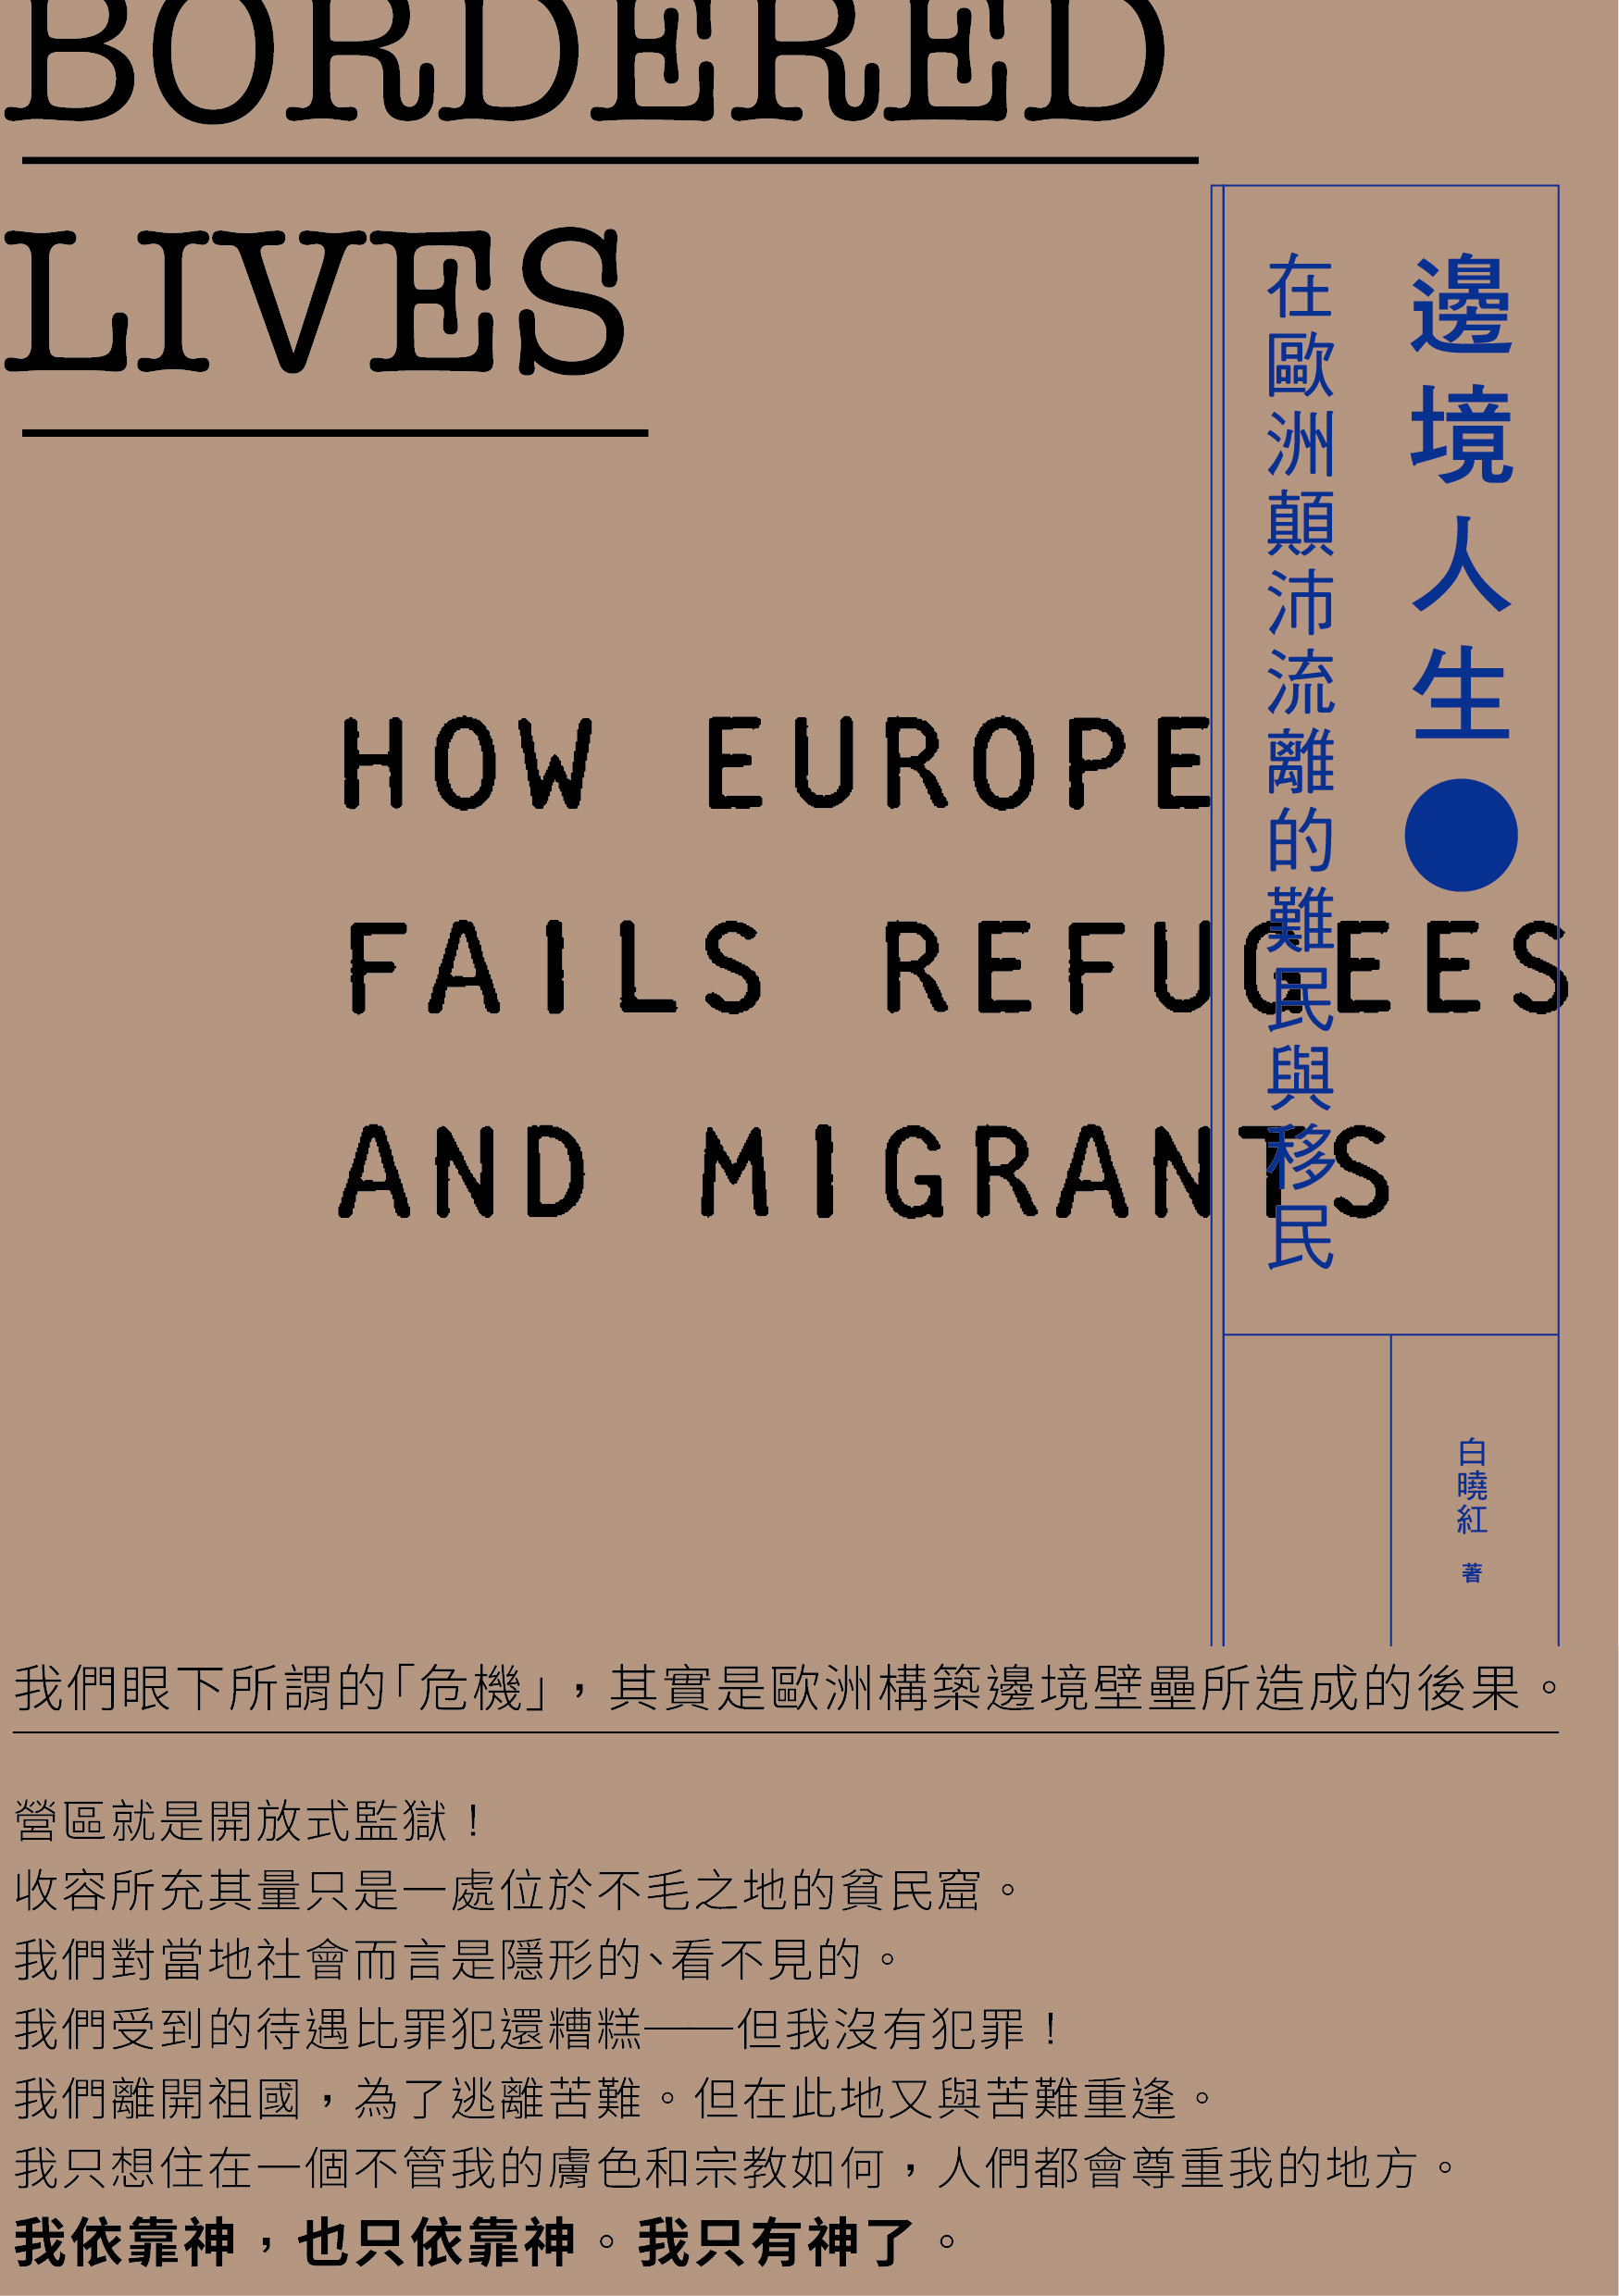 ▲邊境人生:在歐洲顛沛流離的難民與移民  被遺忘的青少年。(圖/南方家園提供,請勿隨意翻拍,以免侵權。)